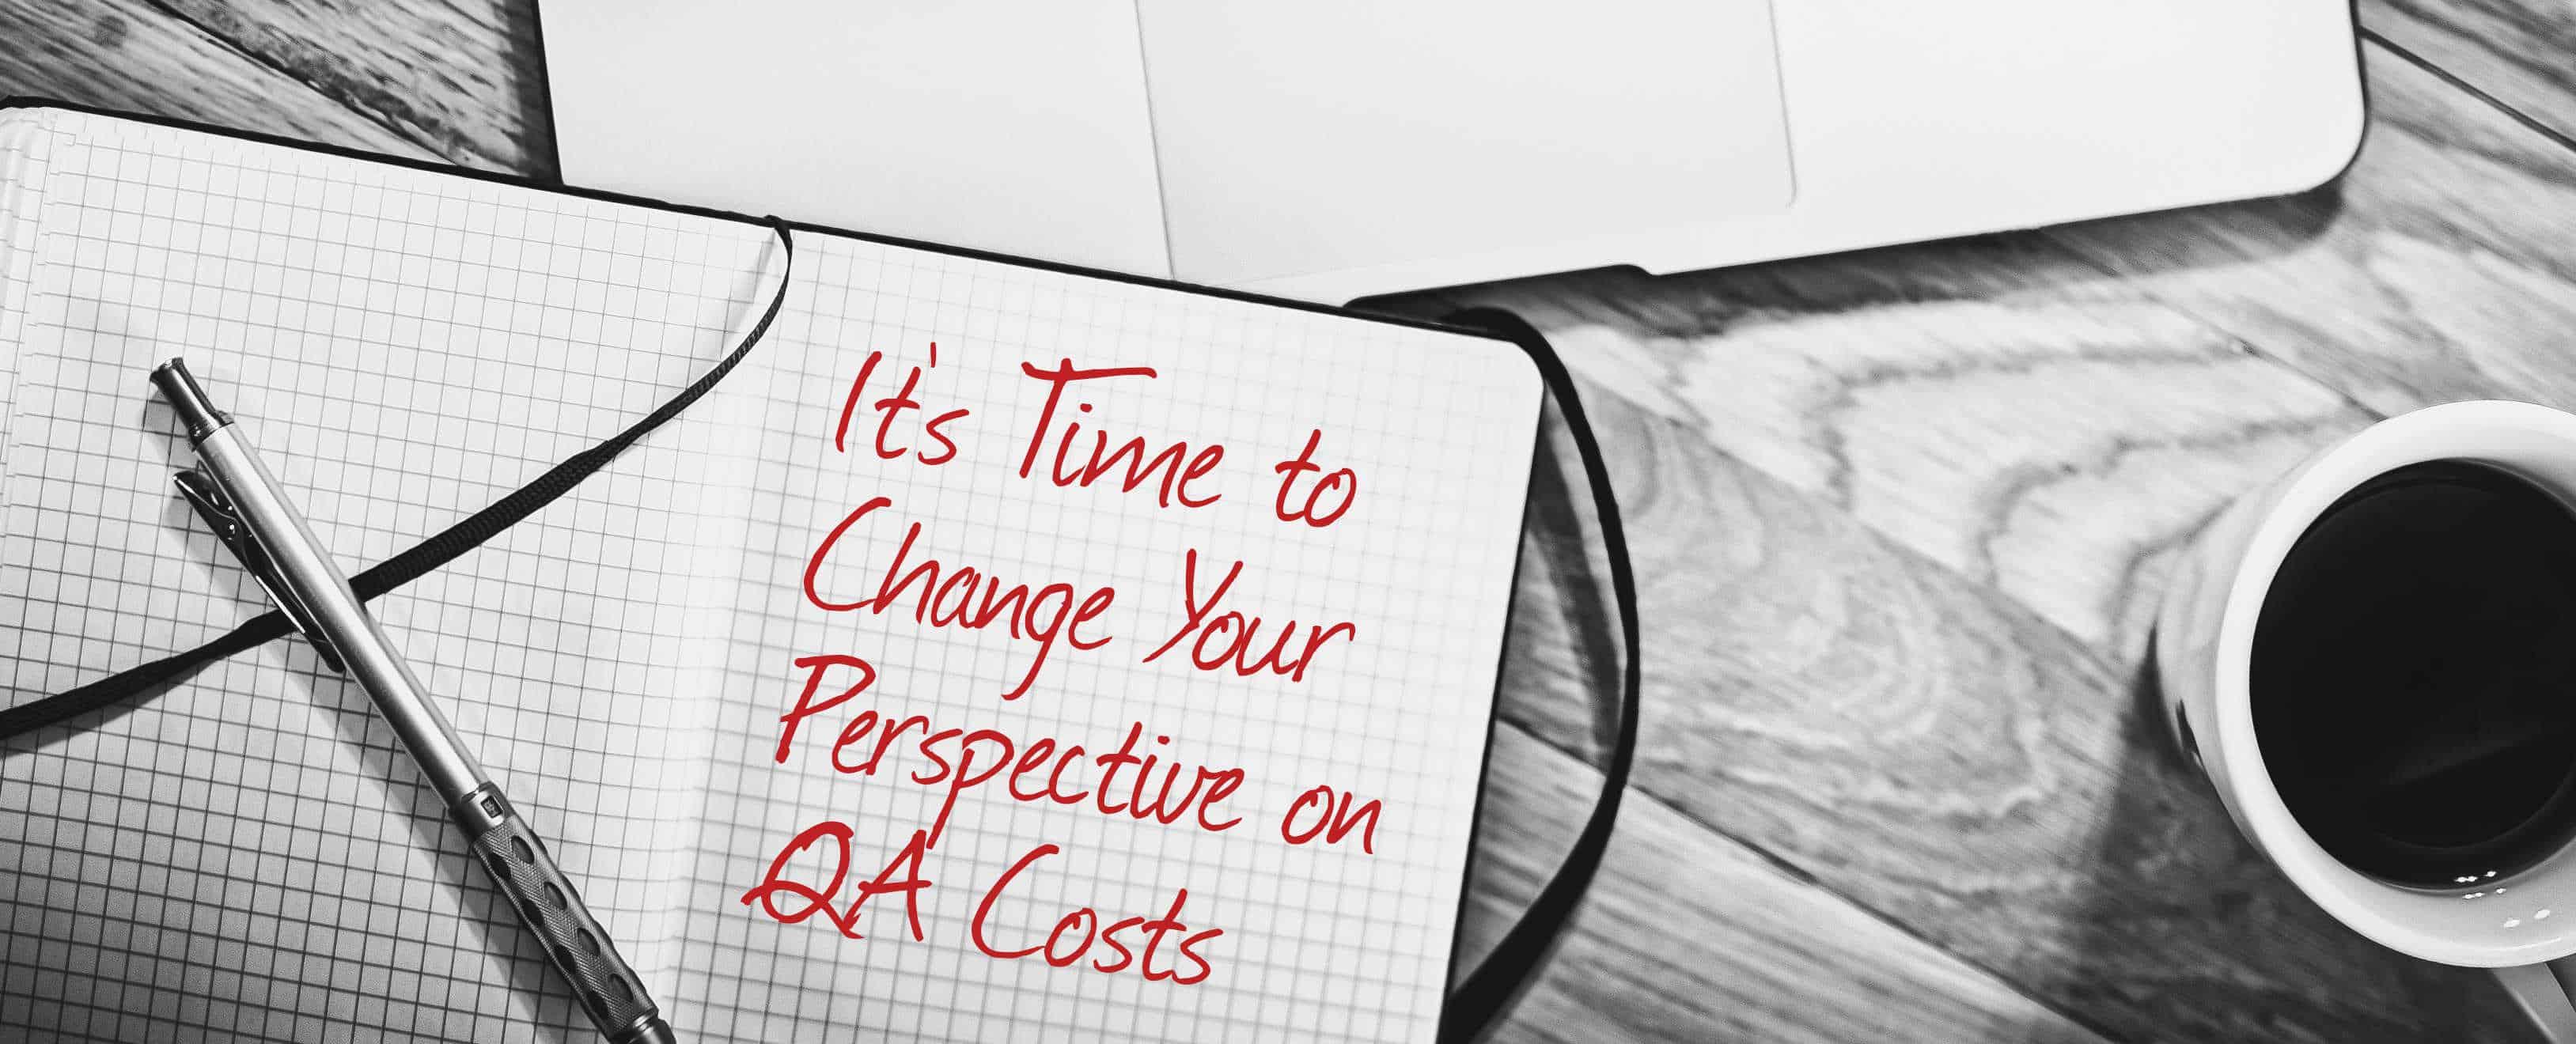 QA costs